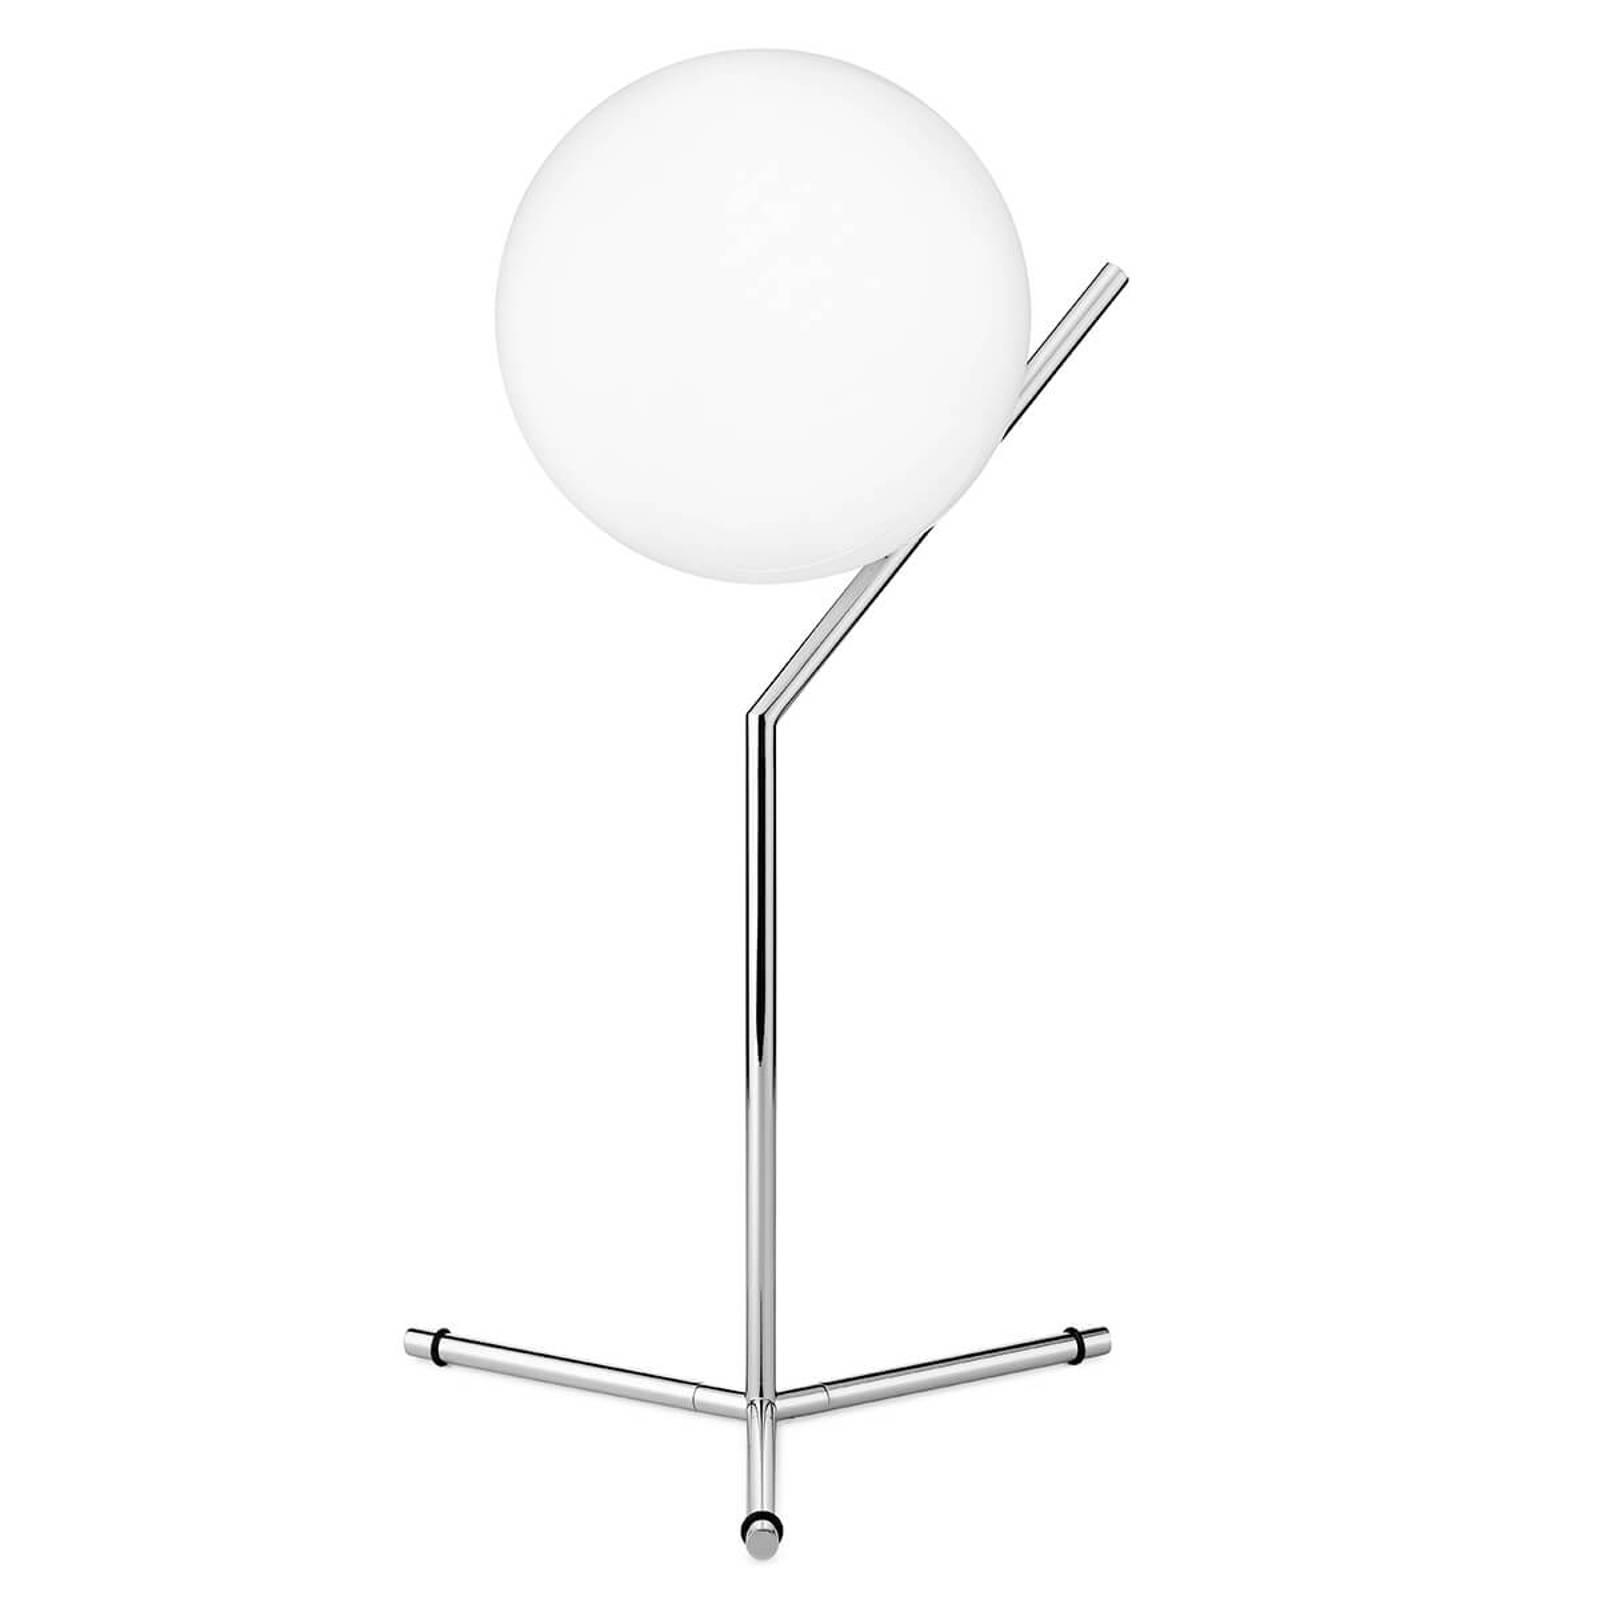 FLOS IC T1 High Tischleuchte, chrom-glänzend